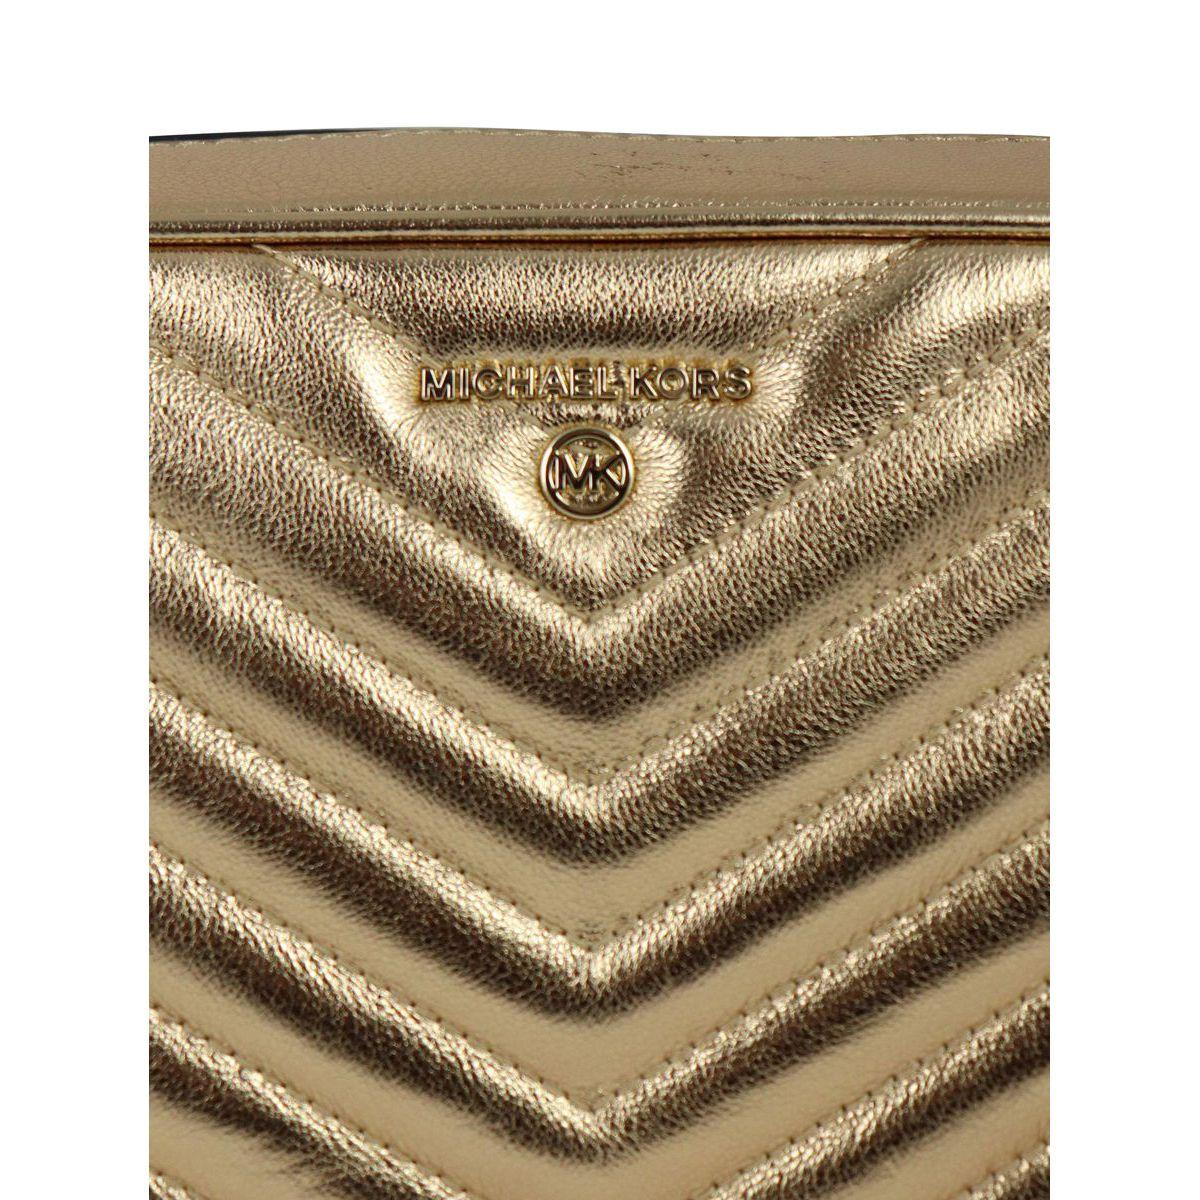 MD CAMERA BAG bag in matelassé leather Gold Michael Kors